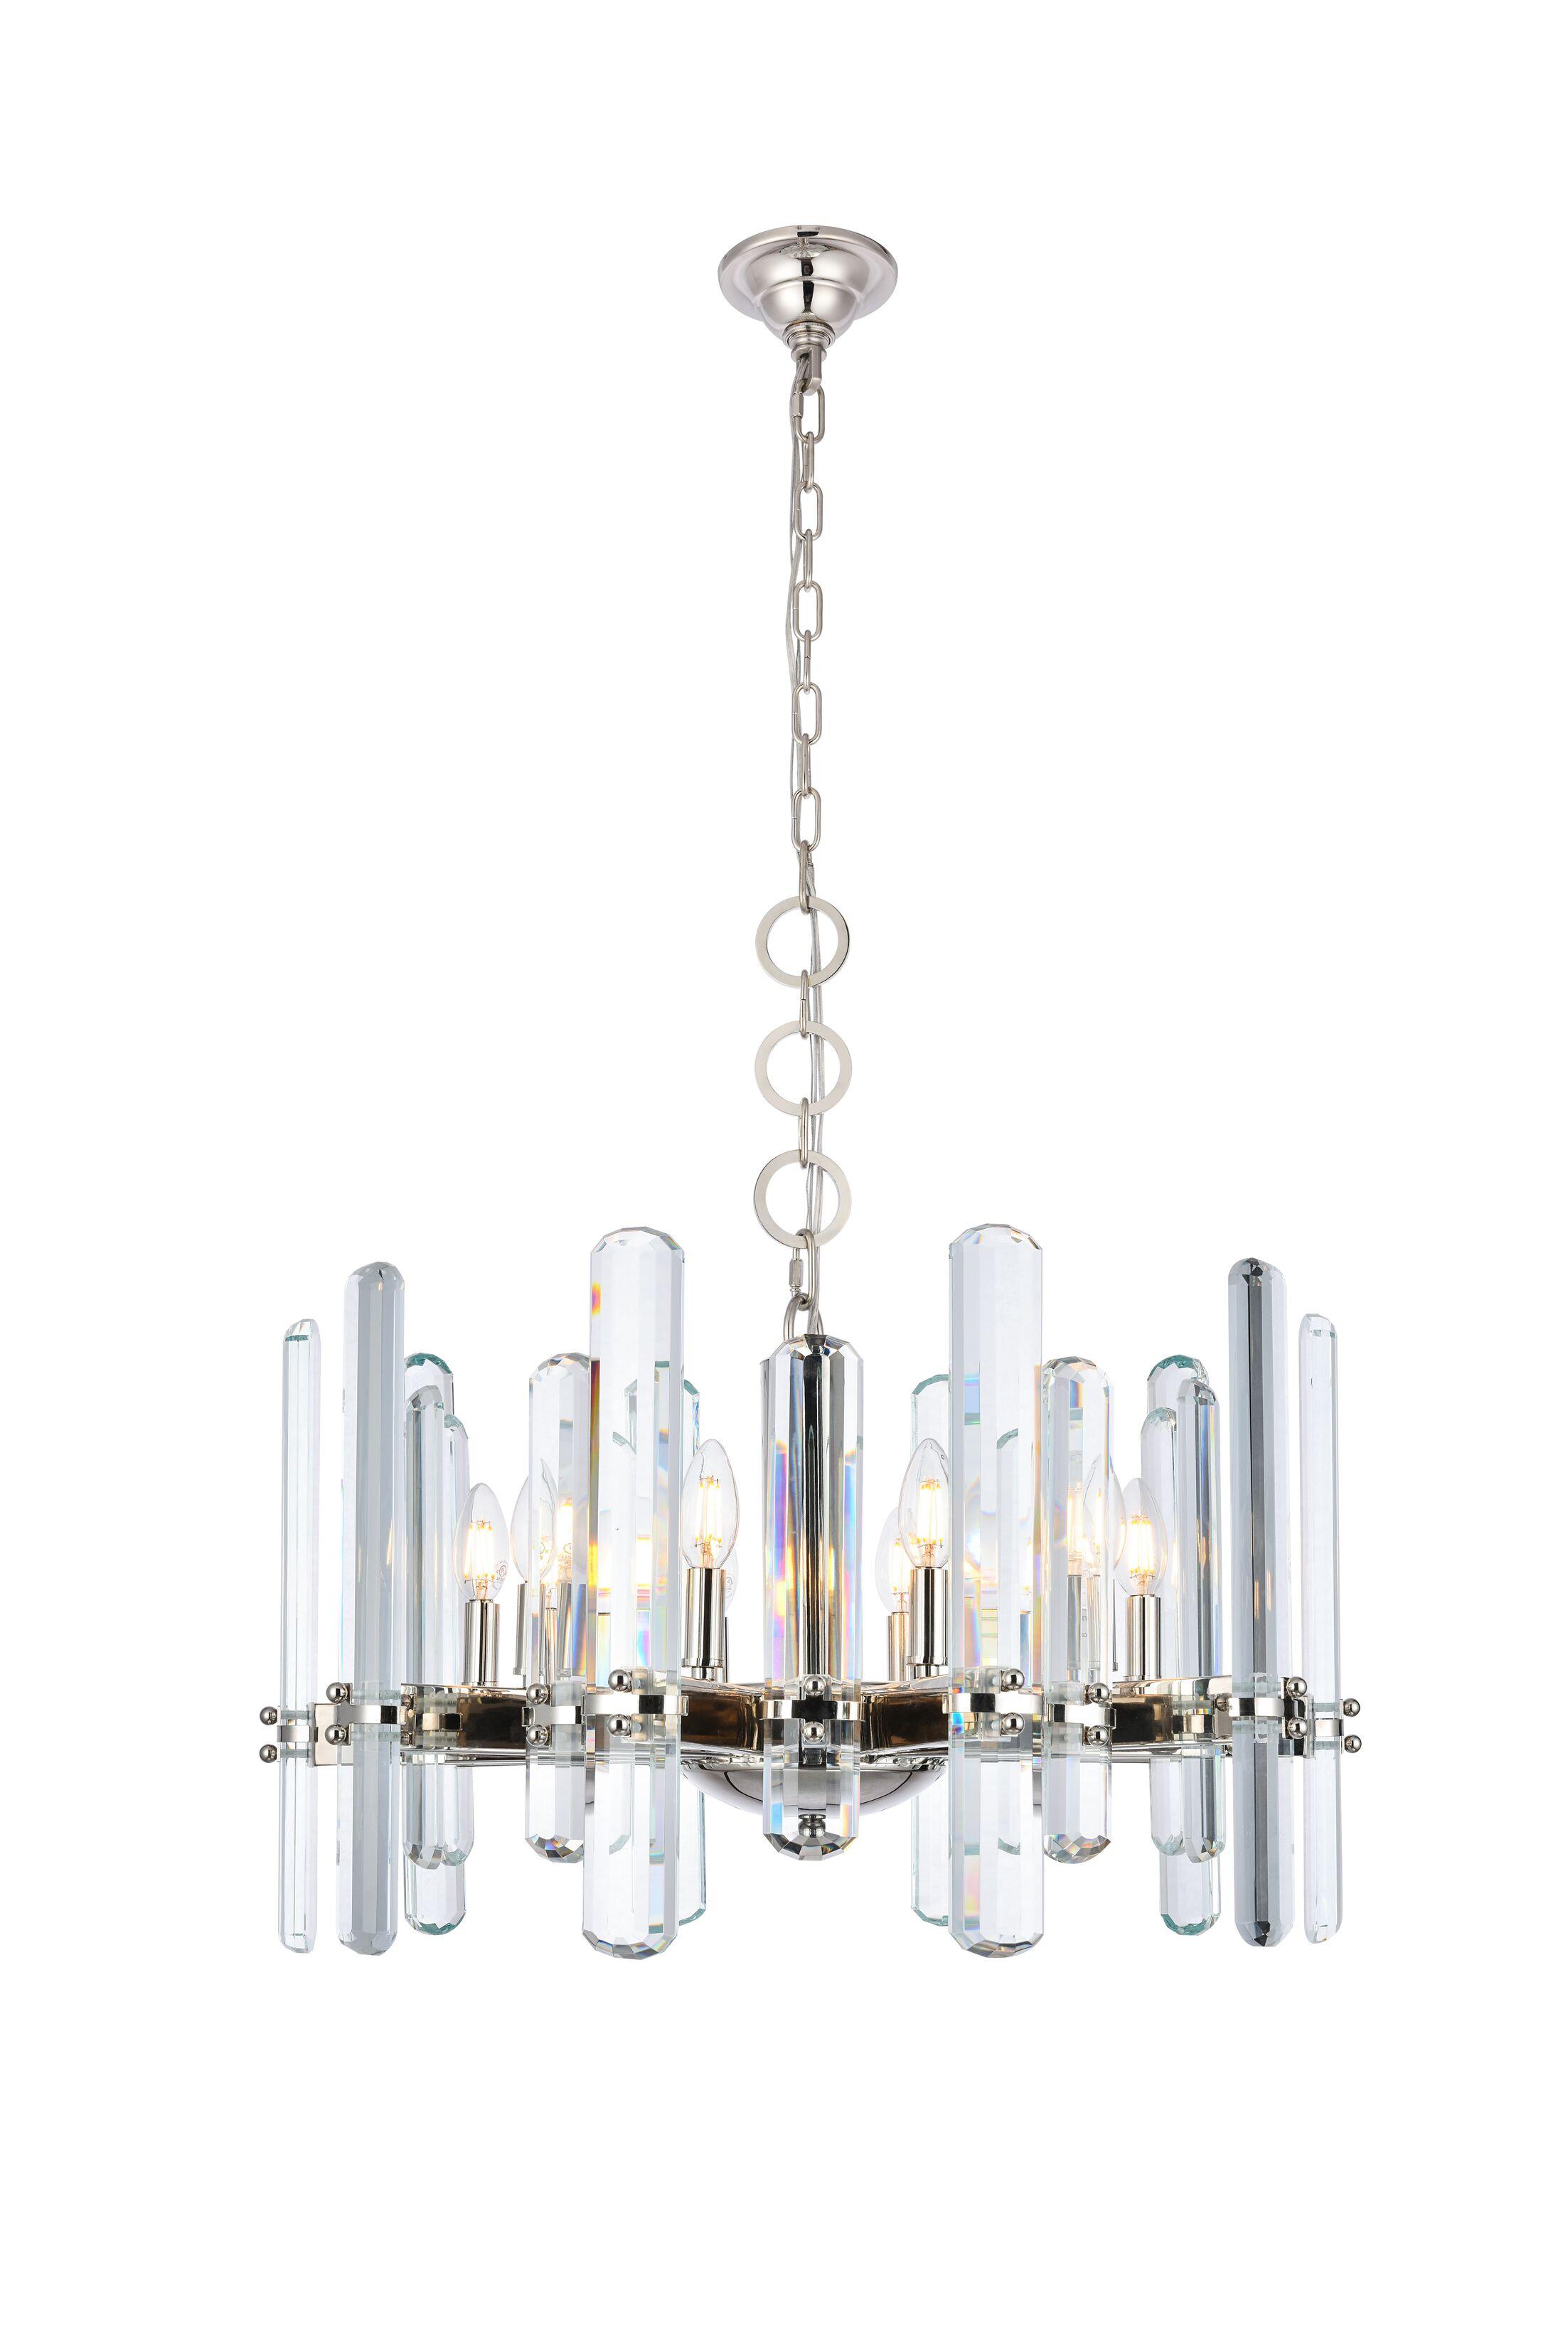 Raelene 10-Light Candle Style Chandelier Finish: Polished Nickel, Size: 88.97